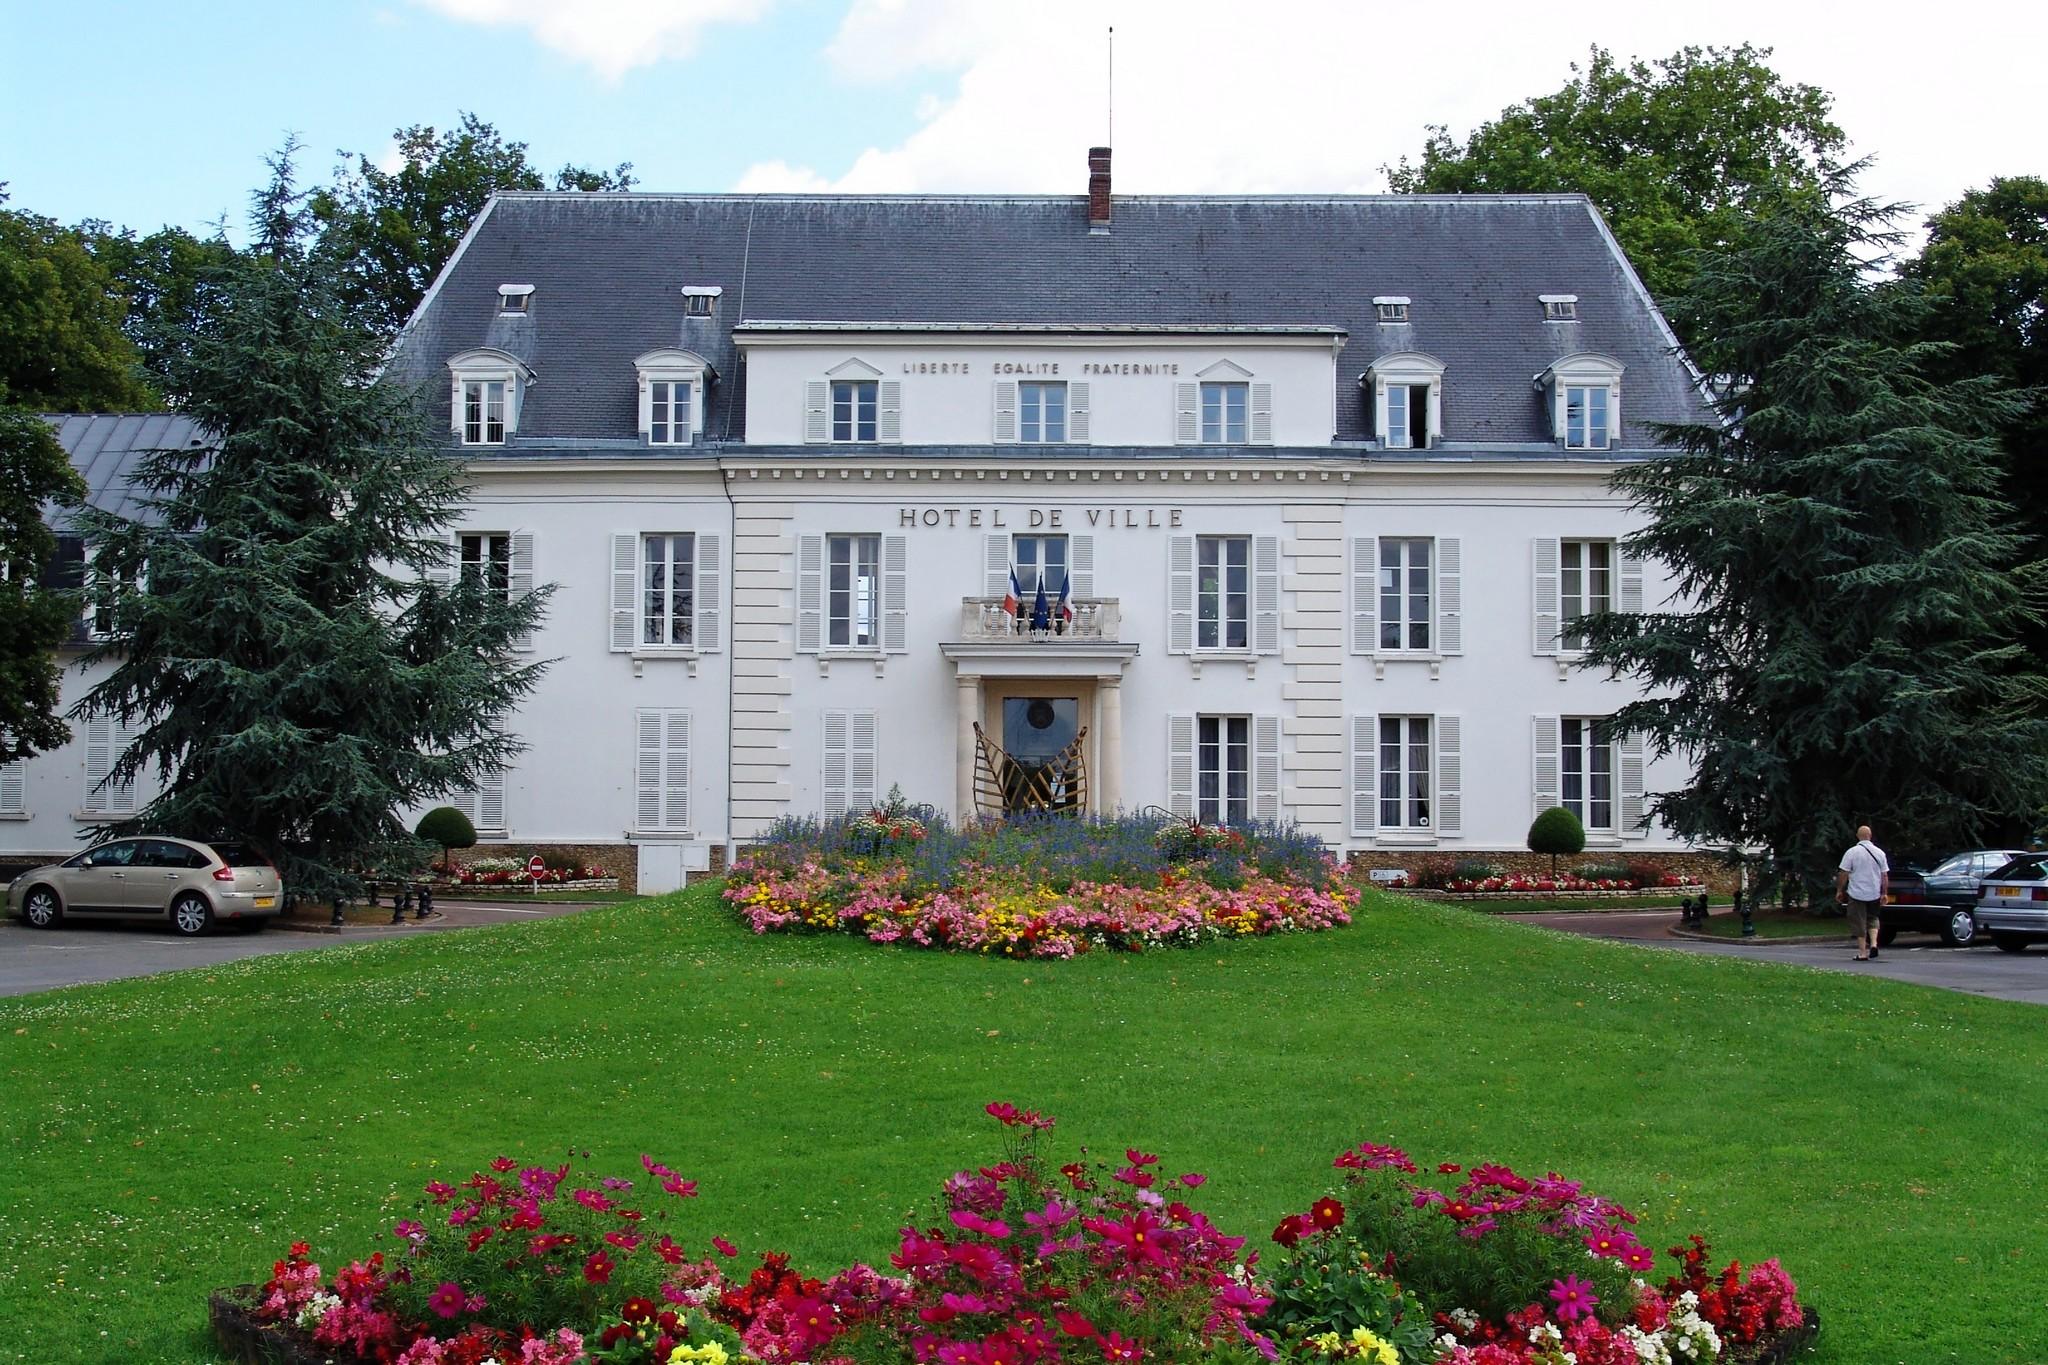 Hotel de ville de pontault combault